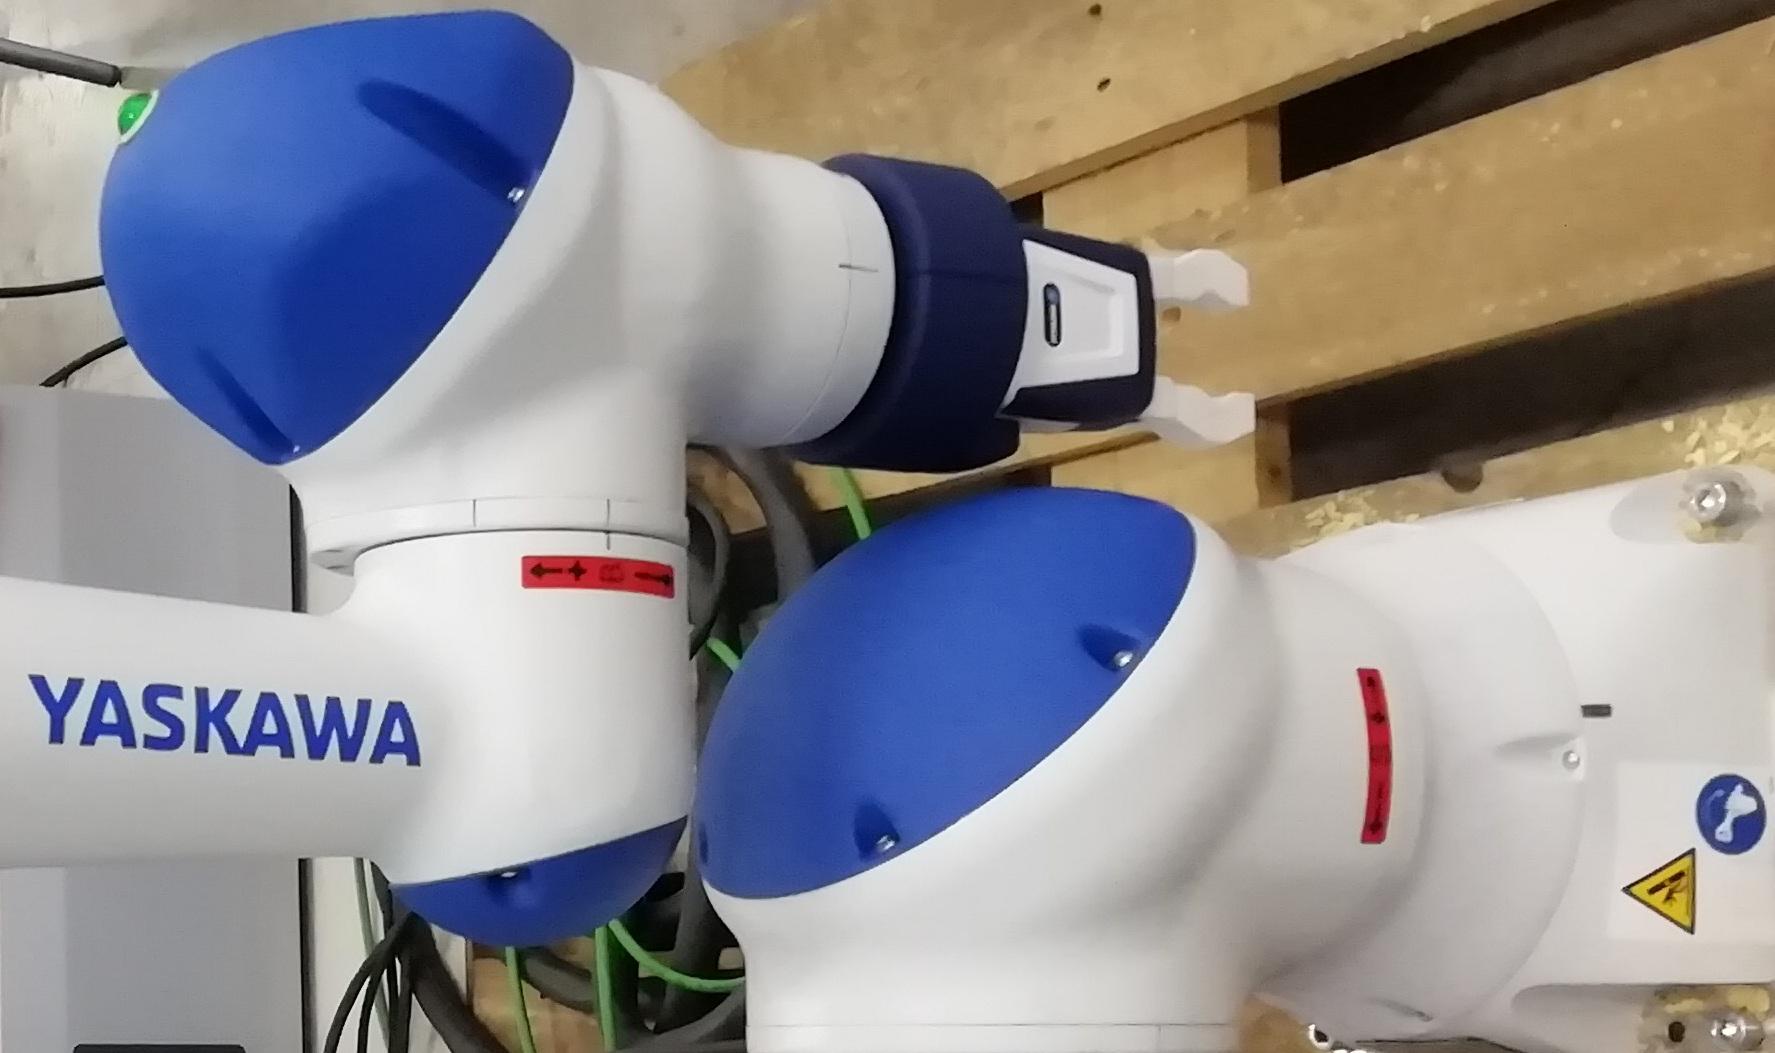 Automazioni robotizzate e robot industriali su misura